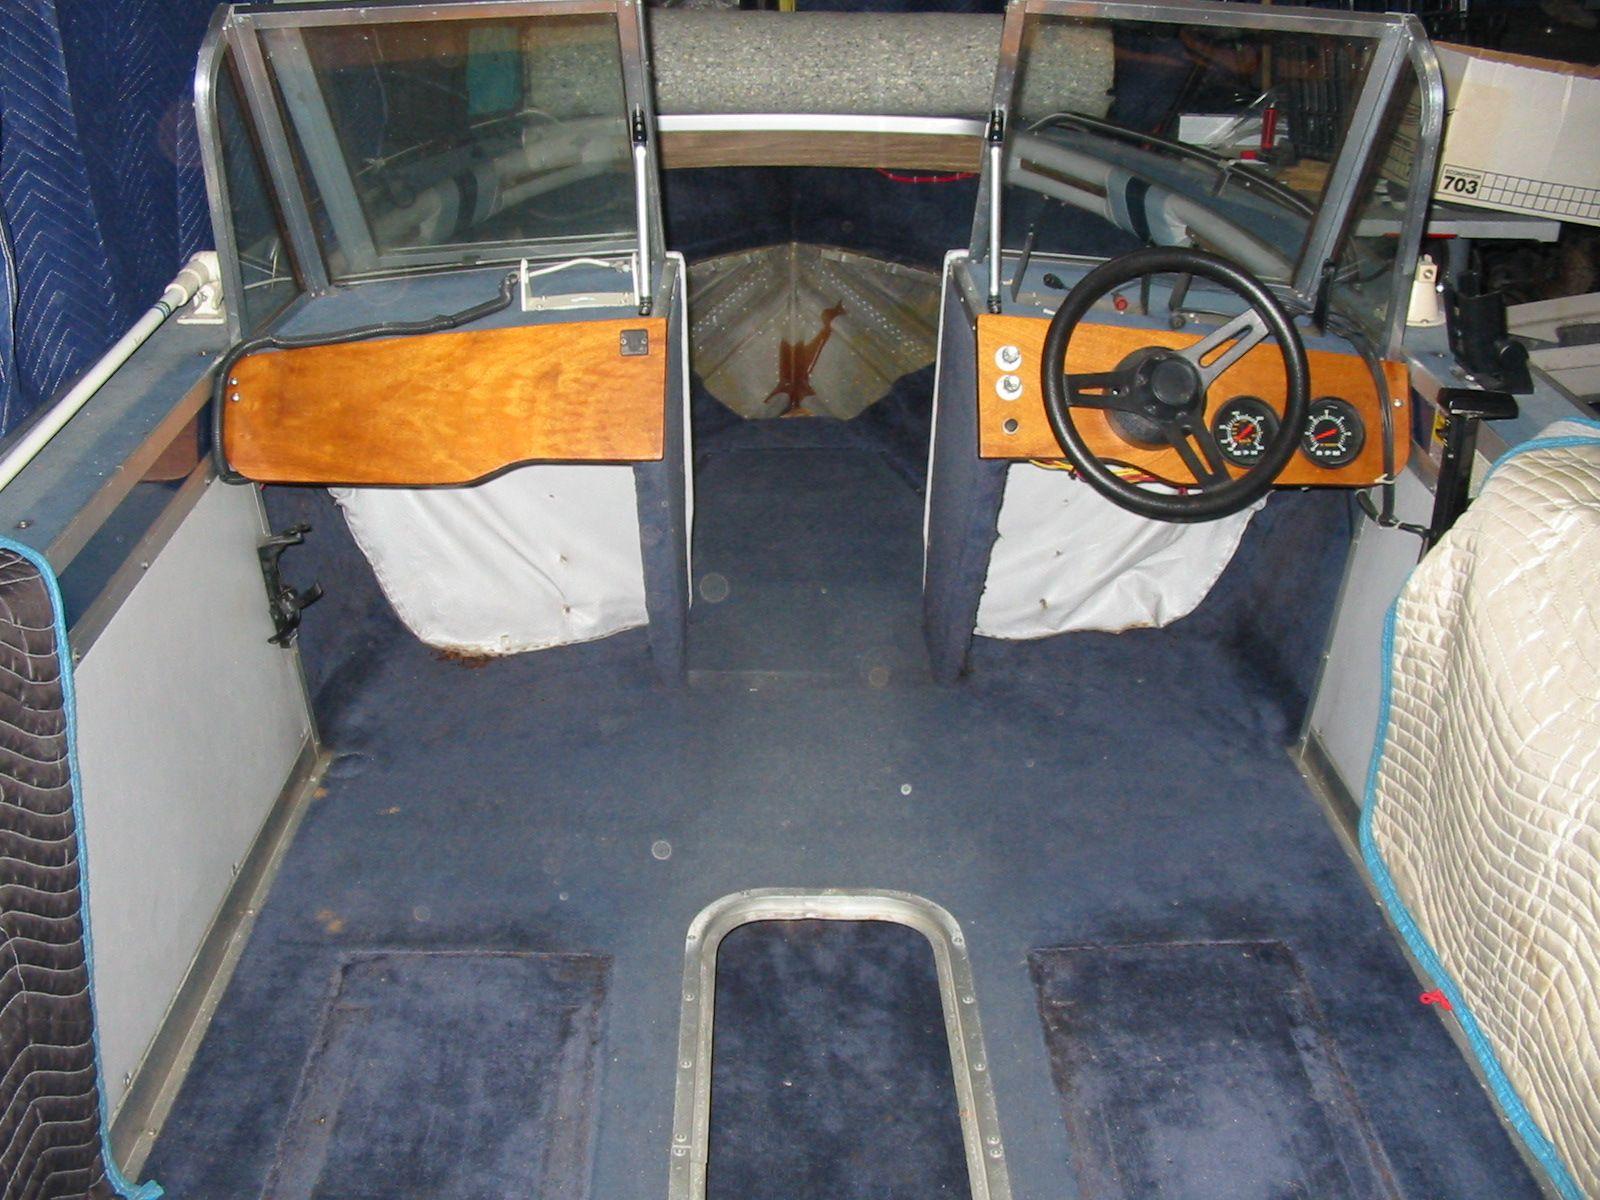 1987 Smoker Craft Challenger Replacing Boat Floor Seats Removed For Floor Replacement Smoker Craft Floor Seating Flooring